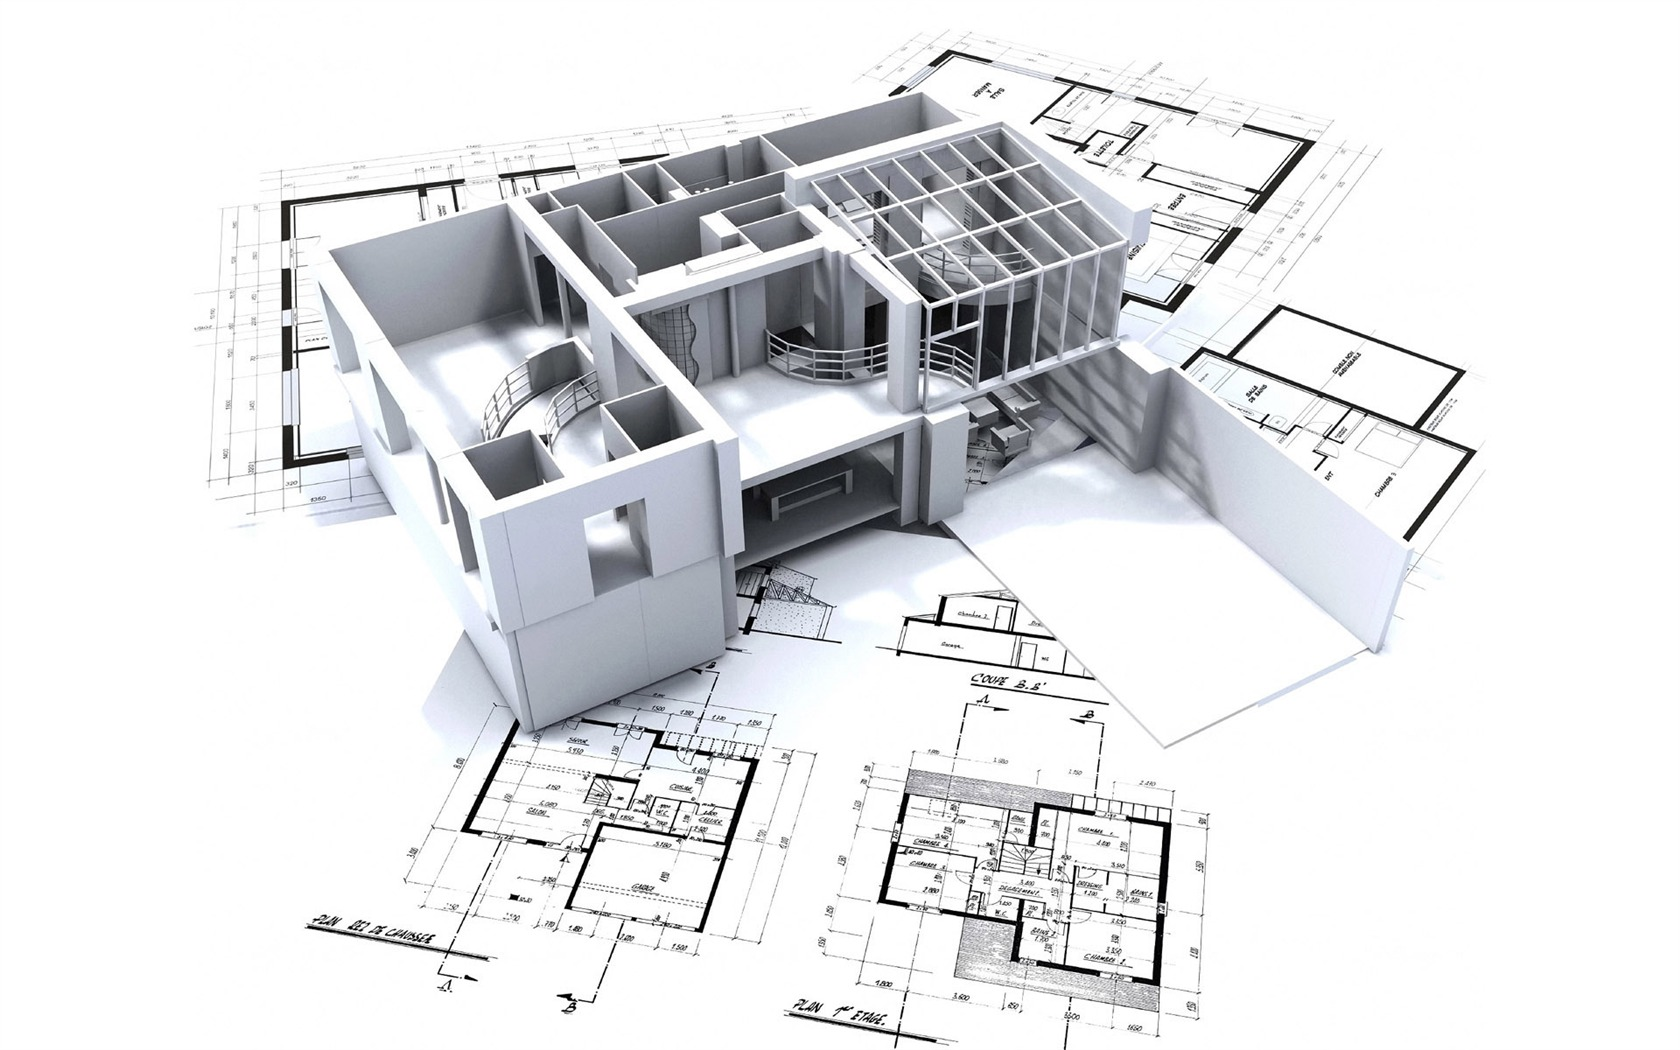 Fondo De Pantalla 3d Dise O Arquitect Nico 2 10